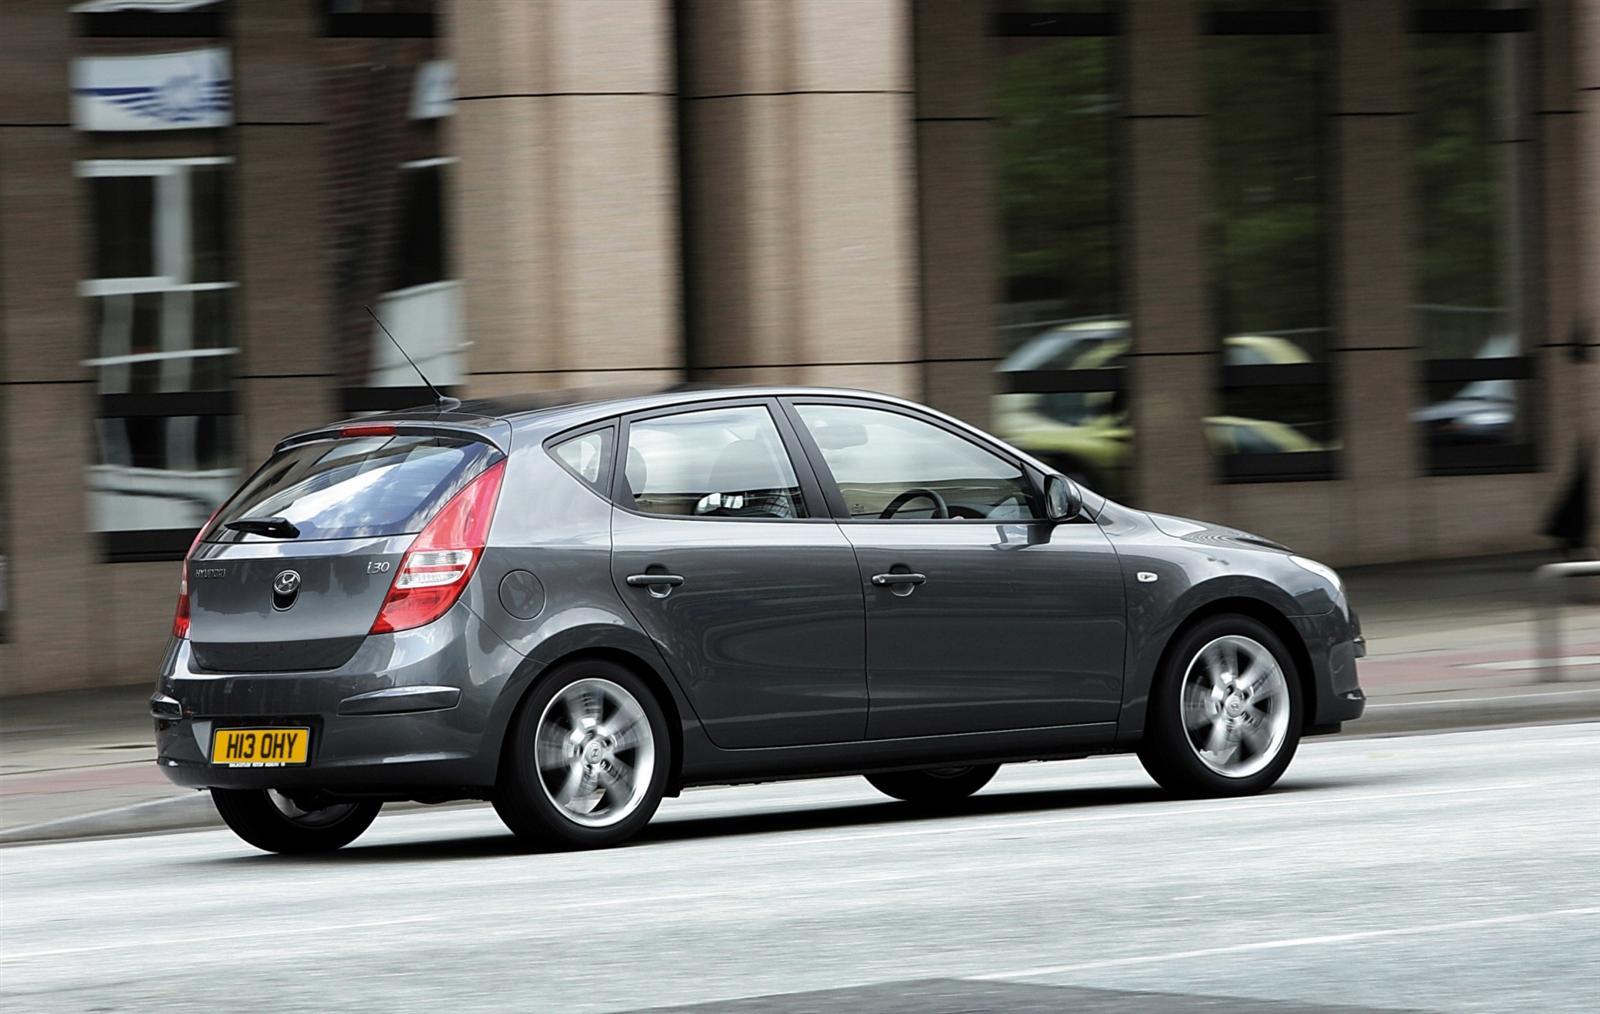 2011 Hyundai I30 Image Https Www Conceptcarz Com Images Hyundai Hyundai I30 Wallpaper 2011 07